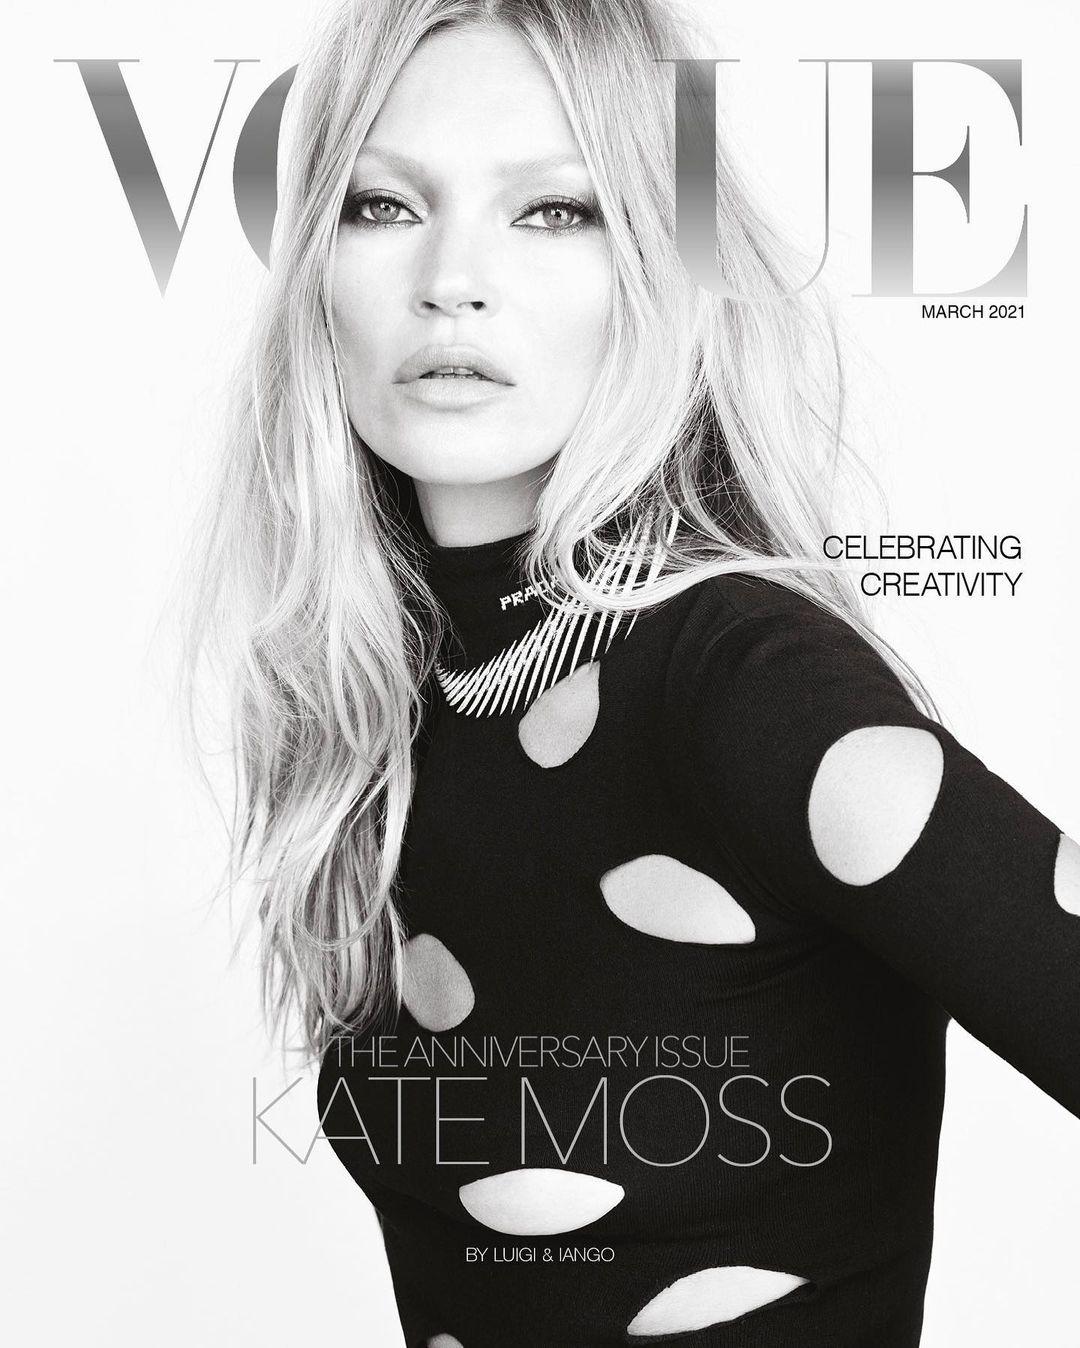 Кейт Мосс снялась для Vogue и поразила поклонников неувядающей красотой (ФОТО) - фото №2